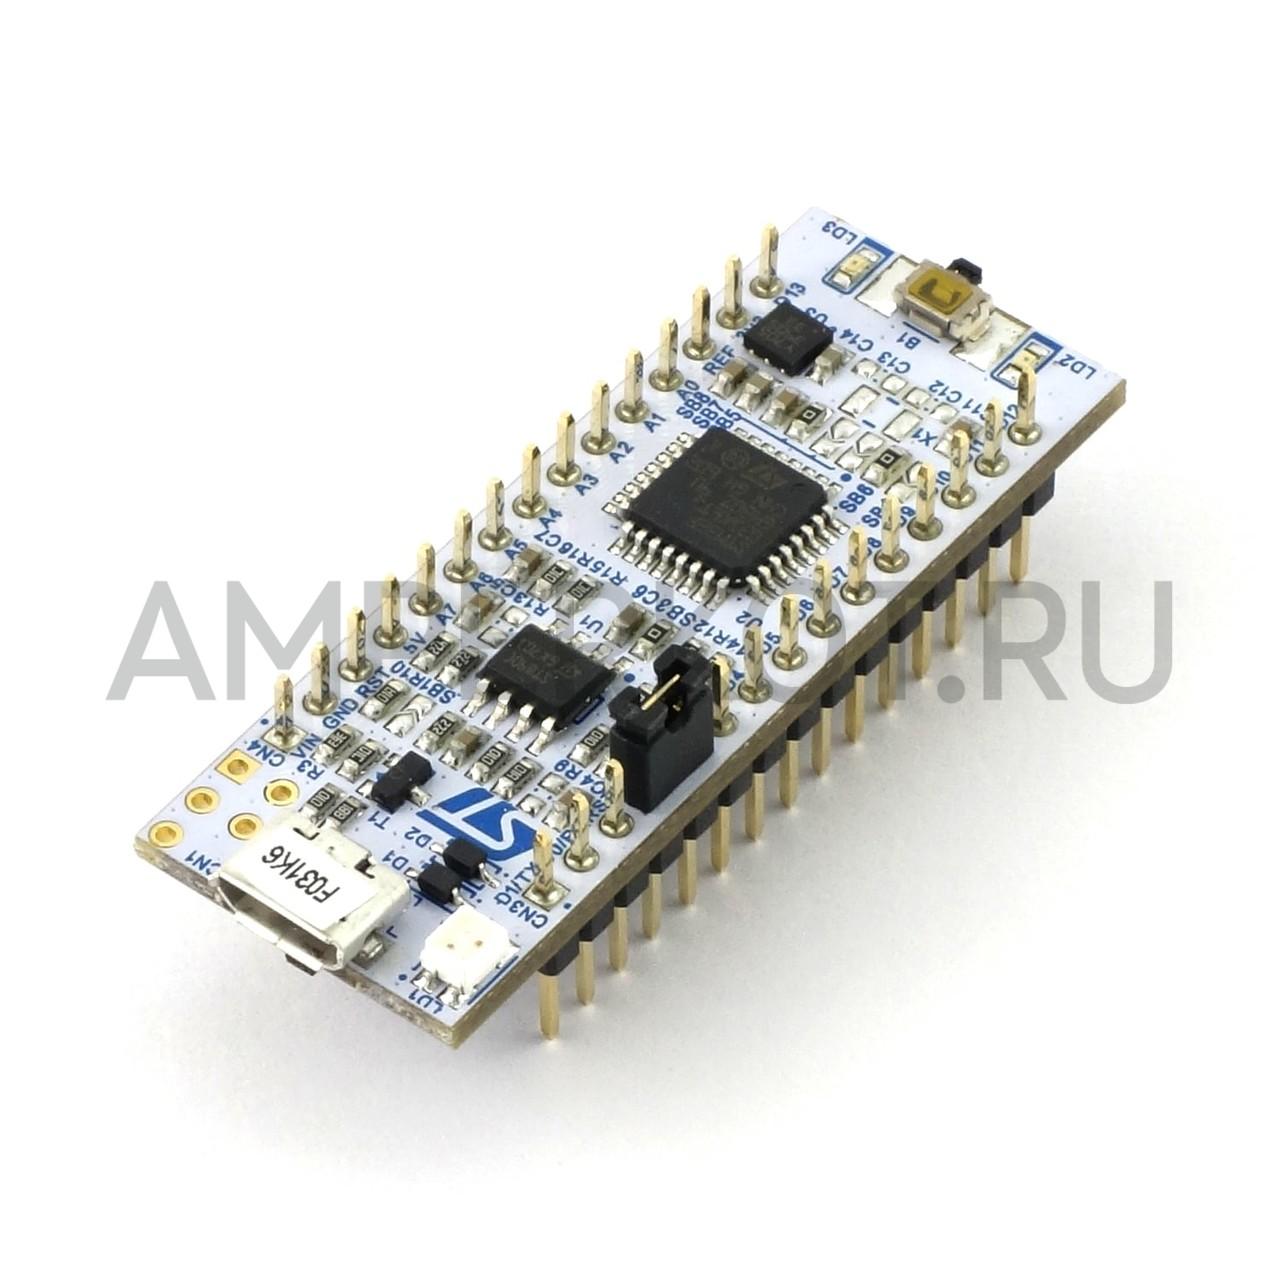 NUCLEO-F031K6, Отладочная плата MCU STM32F031K6T6 (ARM Cortex-M0),  ST-LINK/V2-1